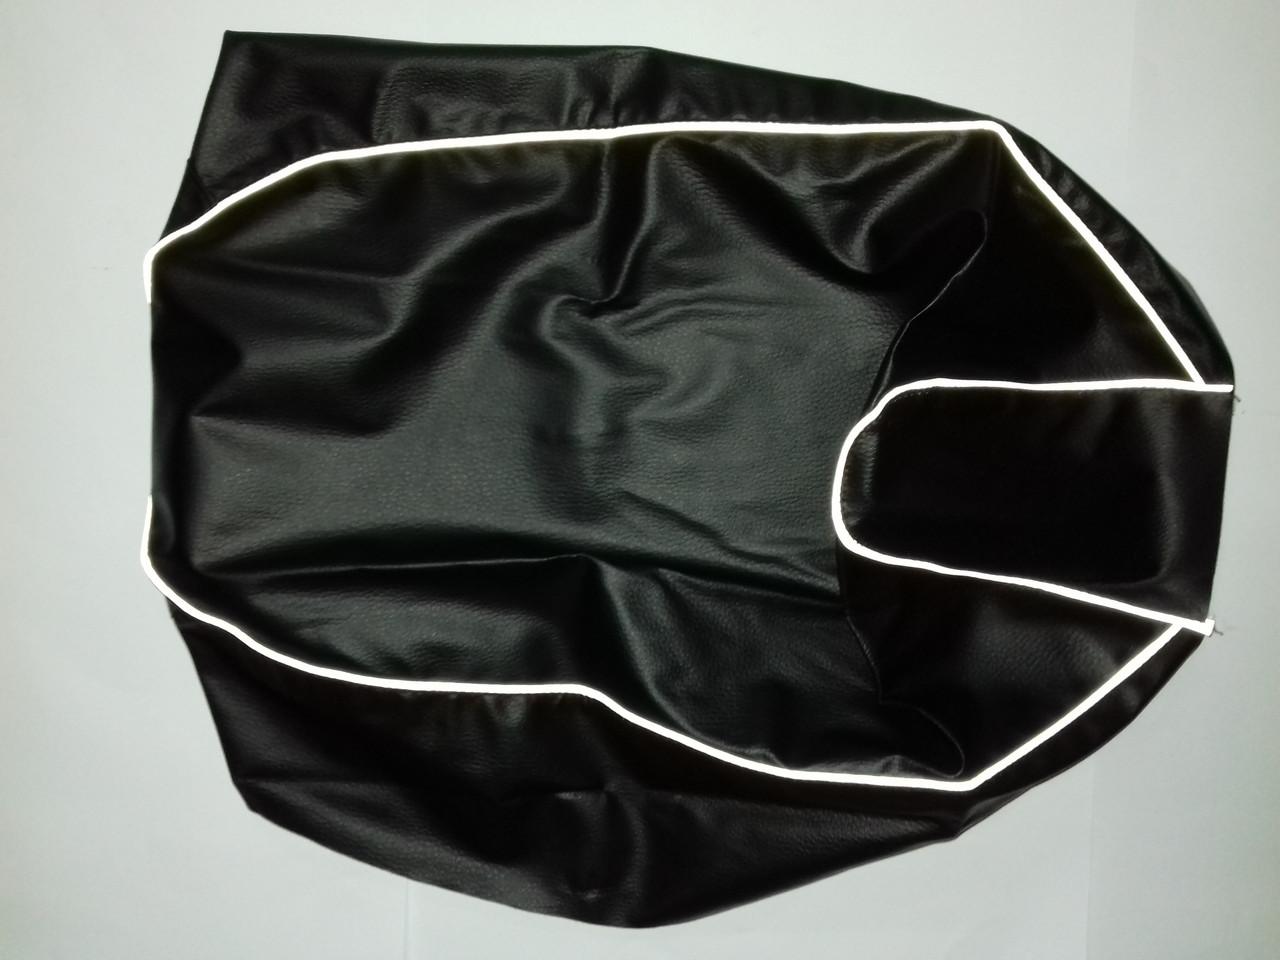 Чехол сиденья HONDA DIO AF-34/35 черный, светоотражающий кант JOHN DOE